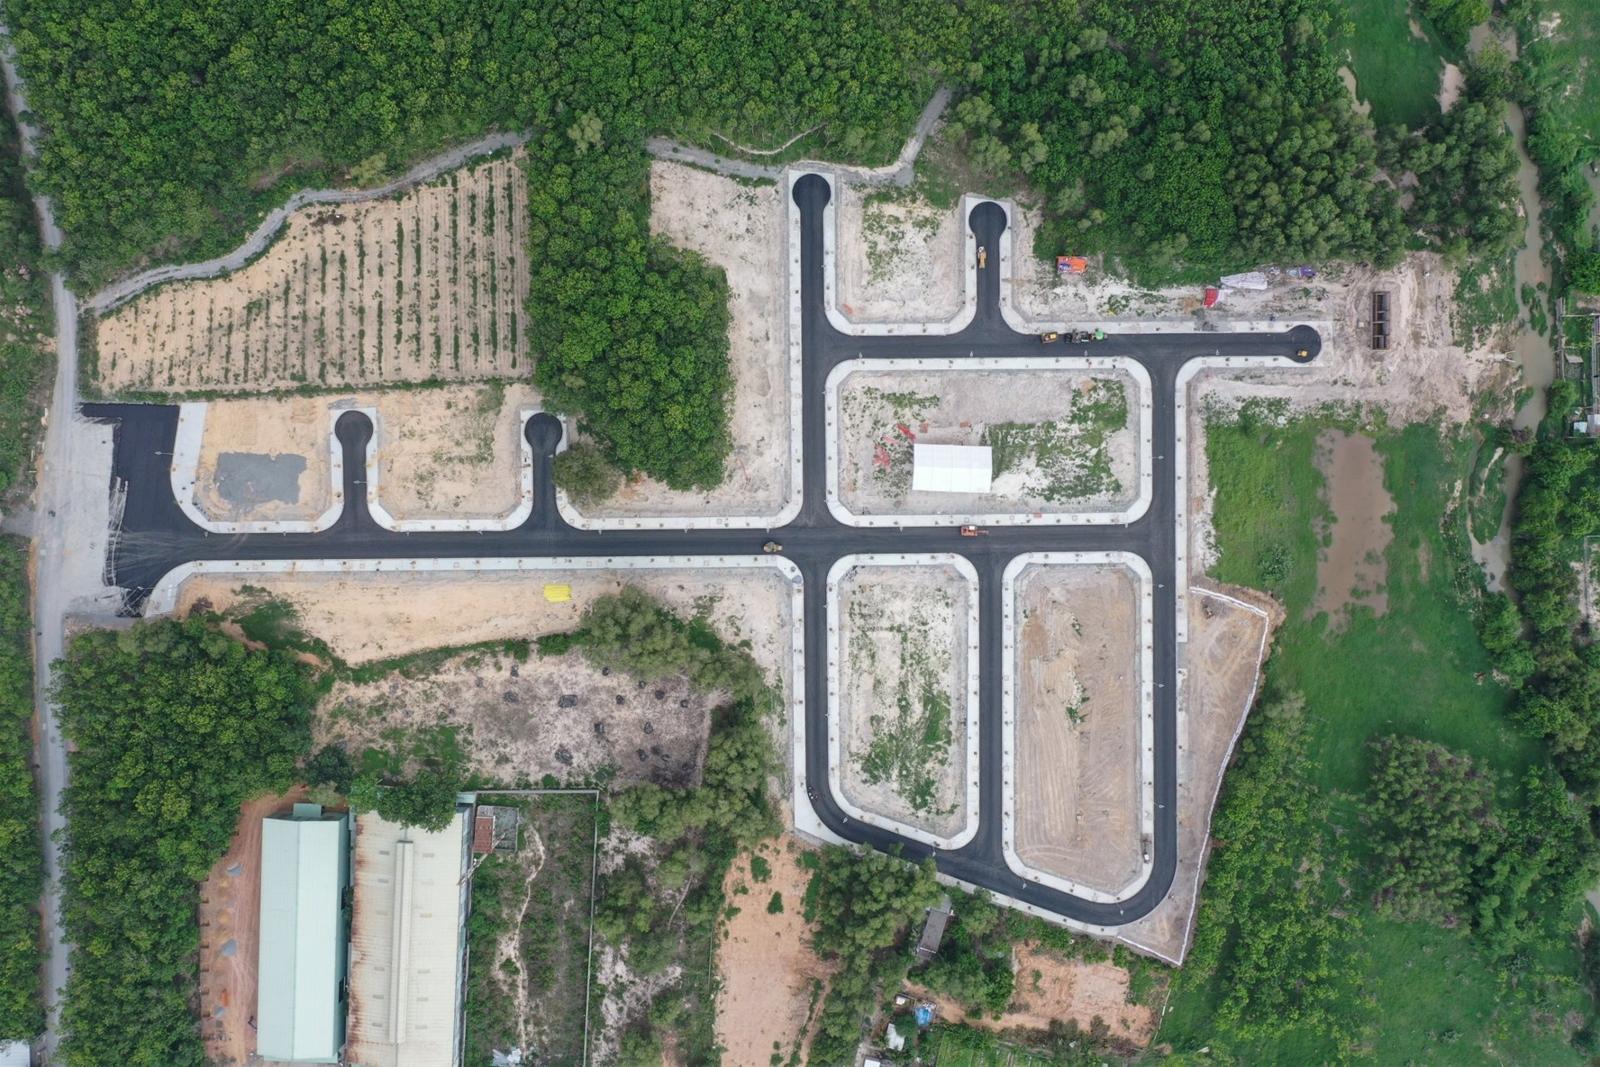 Bình Dương: Dự án xây trái phép của Tuấn Điền Phúc liệu có bị cưỡng chế?